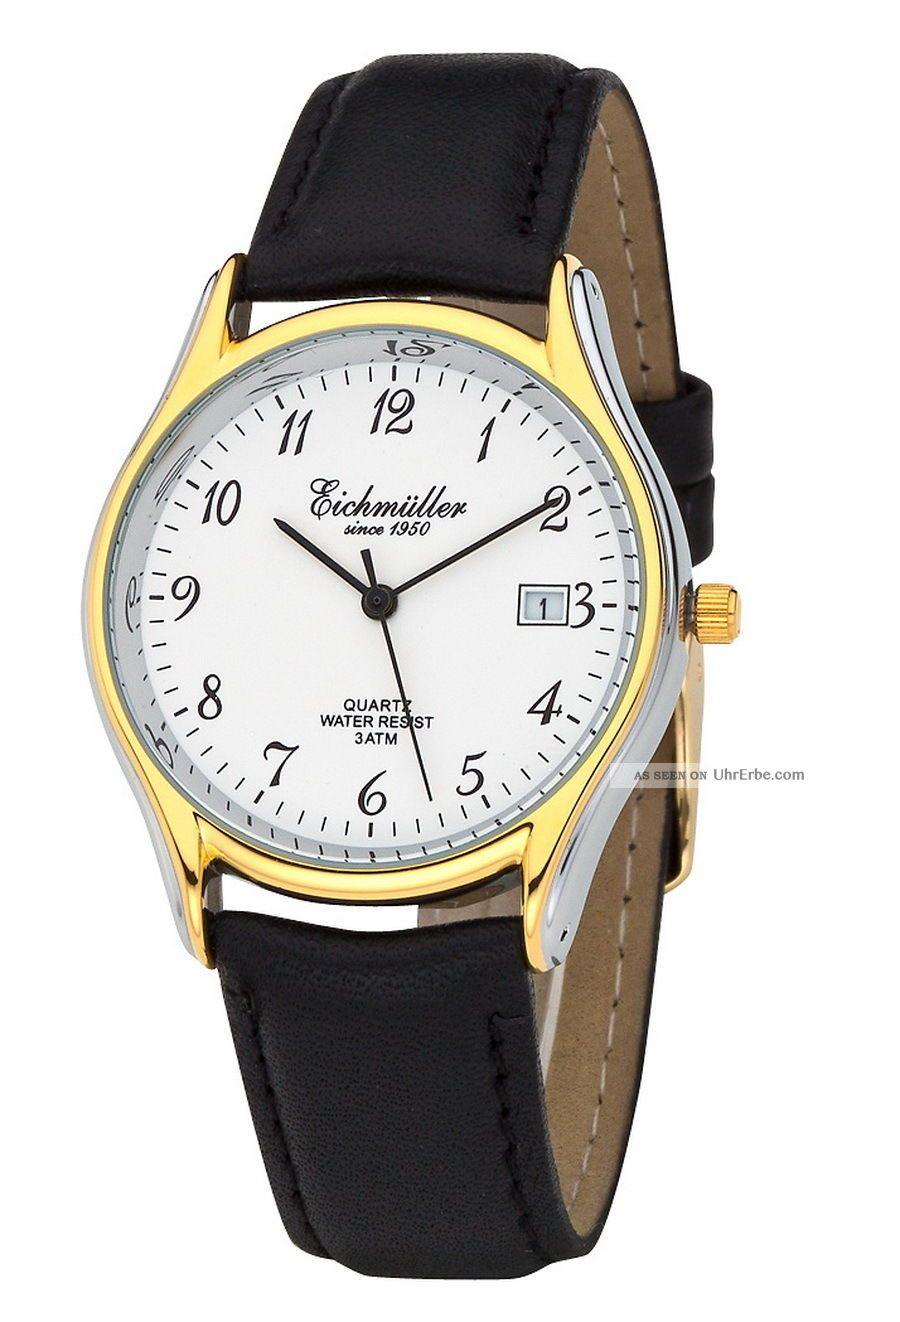 Klassische EichmÜller Uhr Herrenuhr Damenuhr Miyota Quarzuhr Datum - Bicolor Armbanduhren Bild